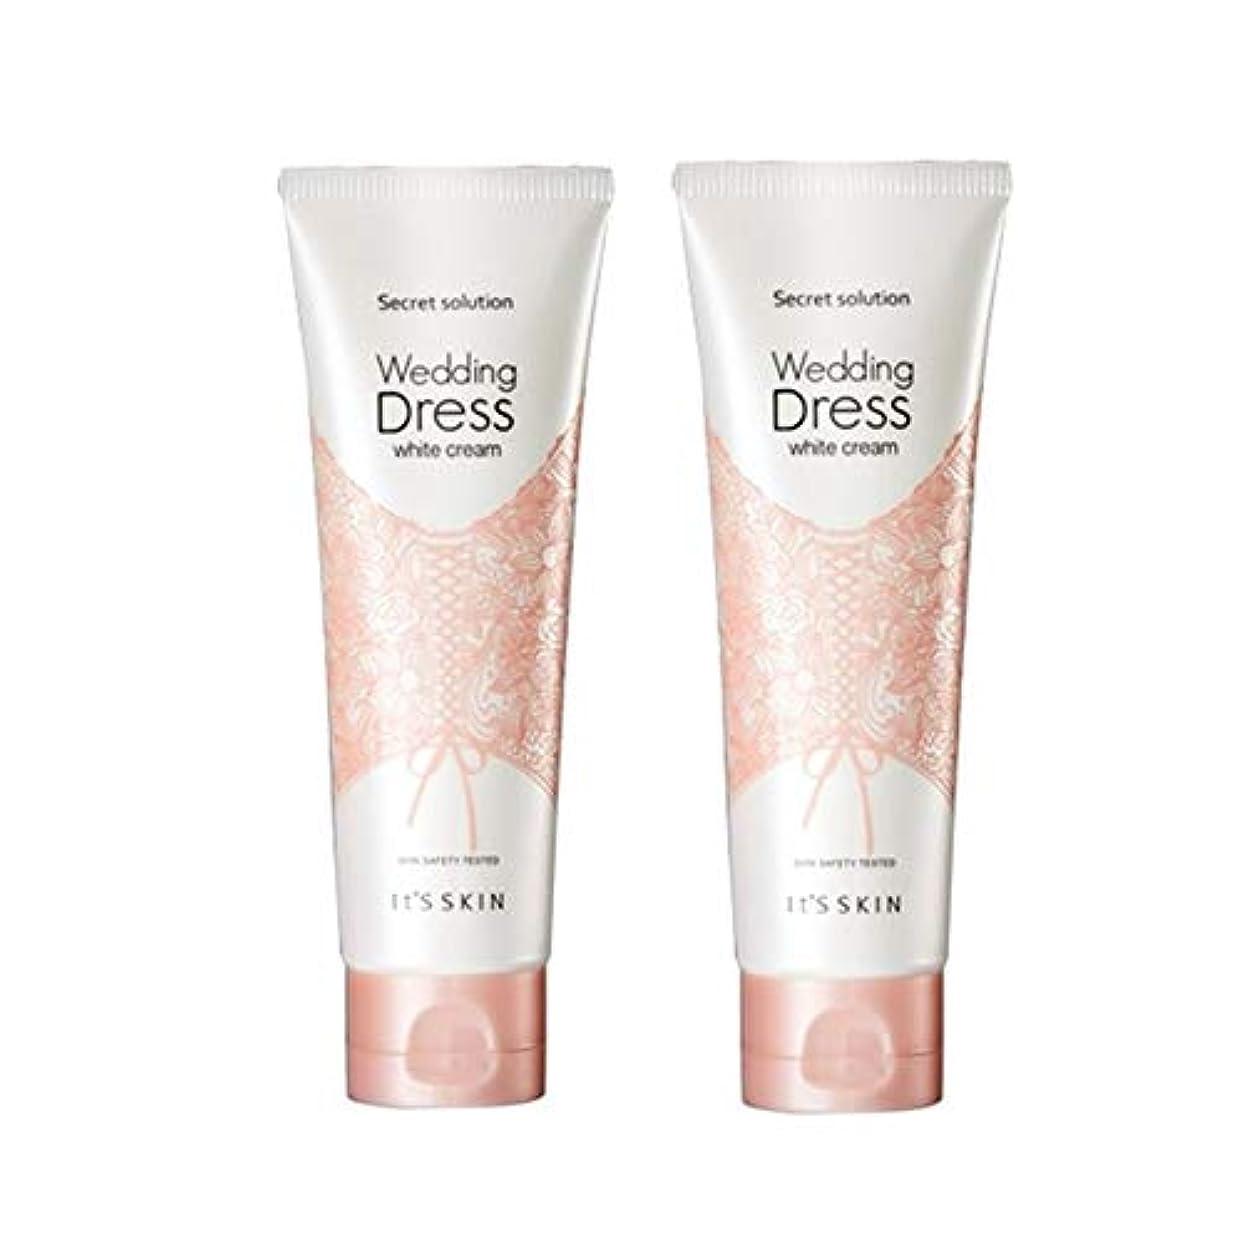 同僚簿記係しかしながらイッツスキンのシークレット?ソリューションウェディングドレス?ホワイトクリーム100mlx 2本セット、It's Skin Secret Solution Wedding Dress White Cream 100ml...